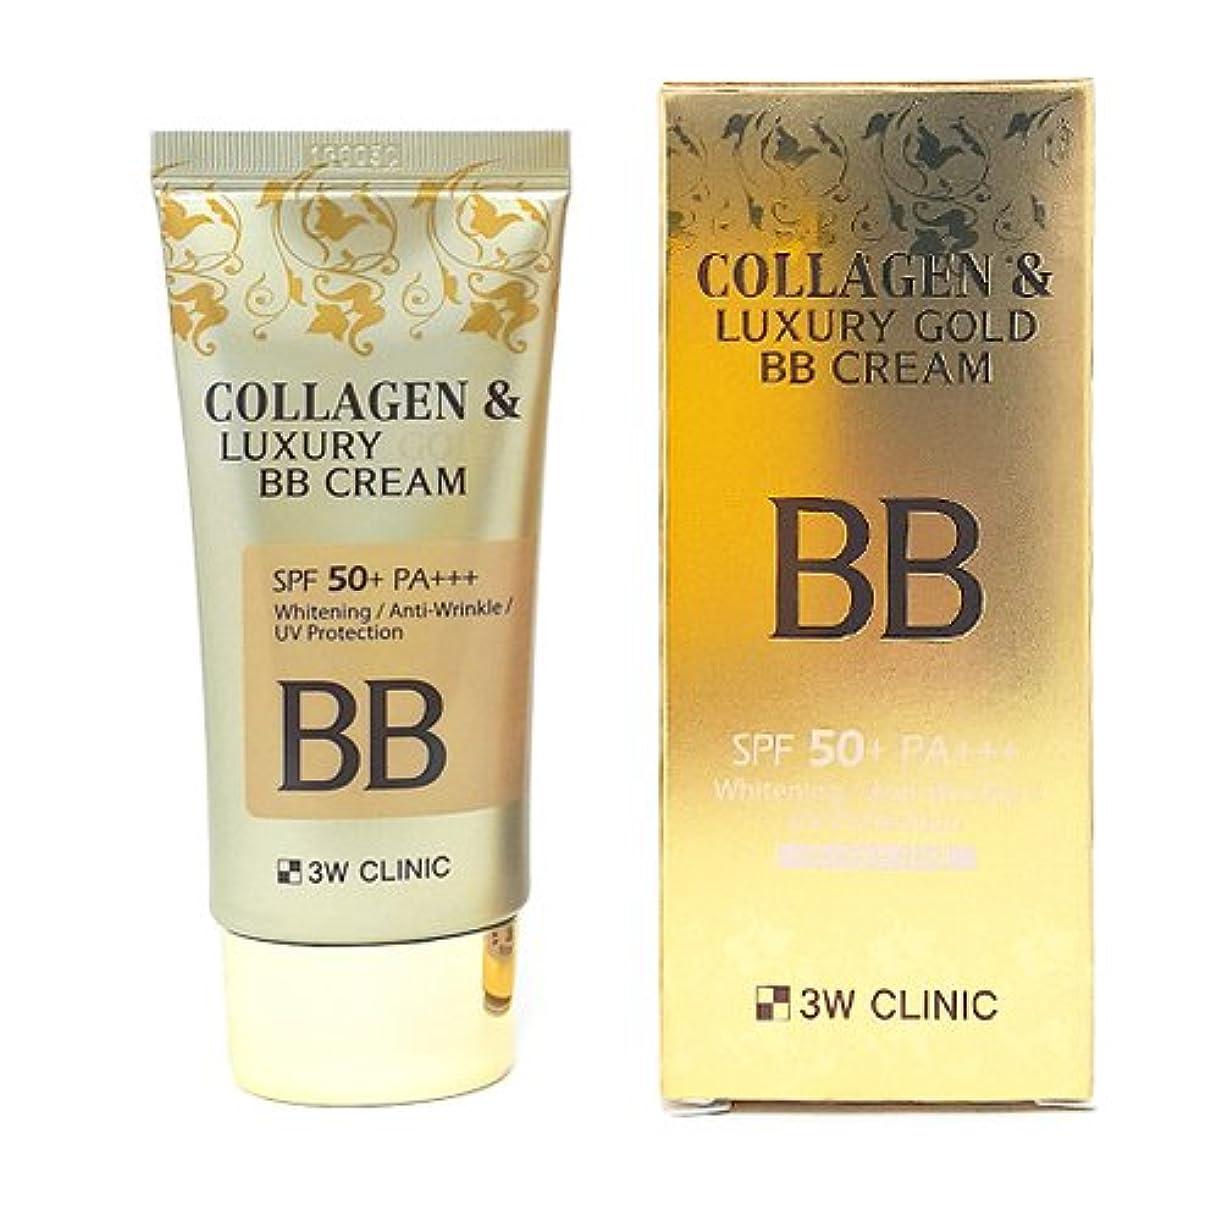 ハブブエジプトエクスタシー3Wクリニック[韓国コスメ3w Clinic]Collagen & Luxury Gold BB Cream コラーゲンラグジュアリーゴールド BBクリーム50ml 50+/PA+++[並行輸入品]